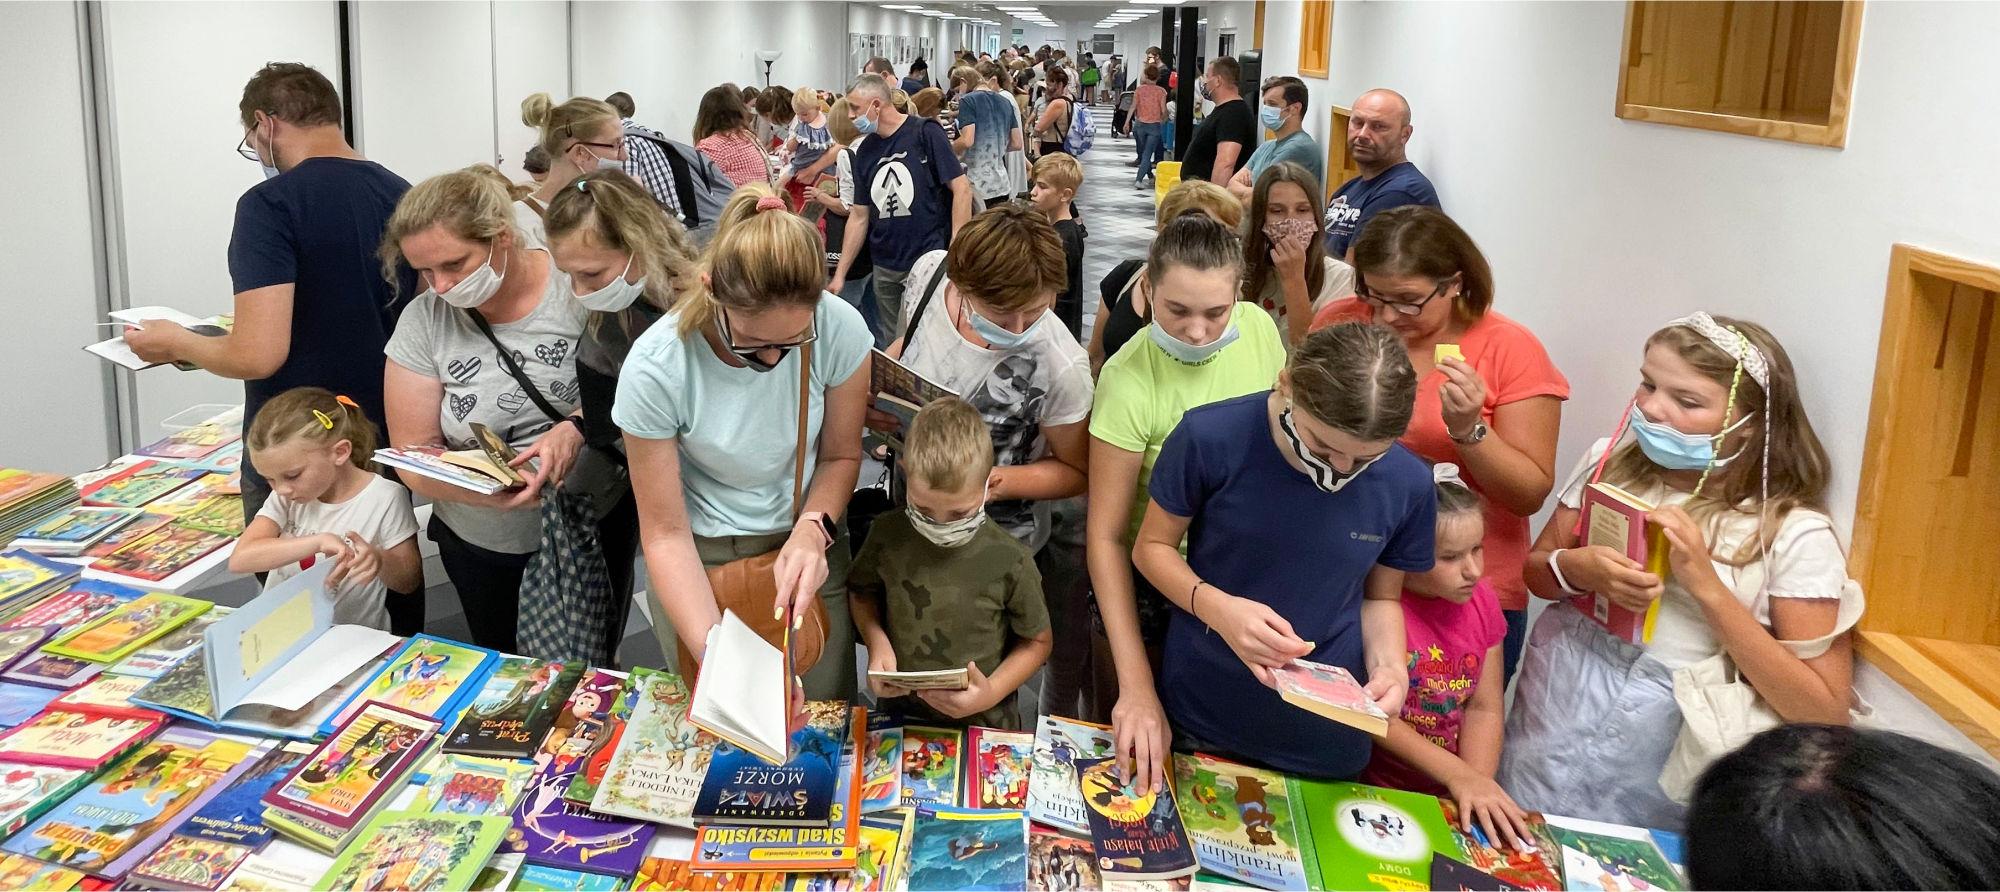 Wielka Letnia Wymiana Książek 2021 - plan ogólny